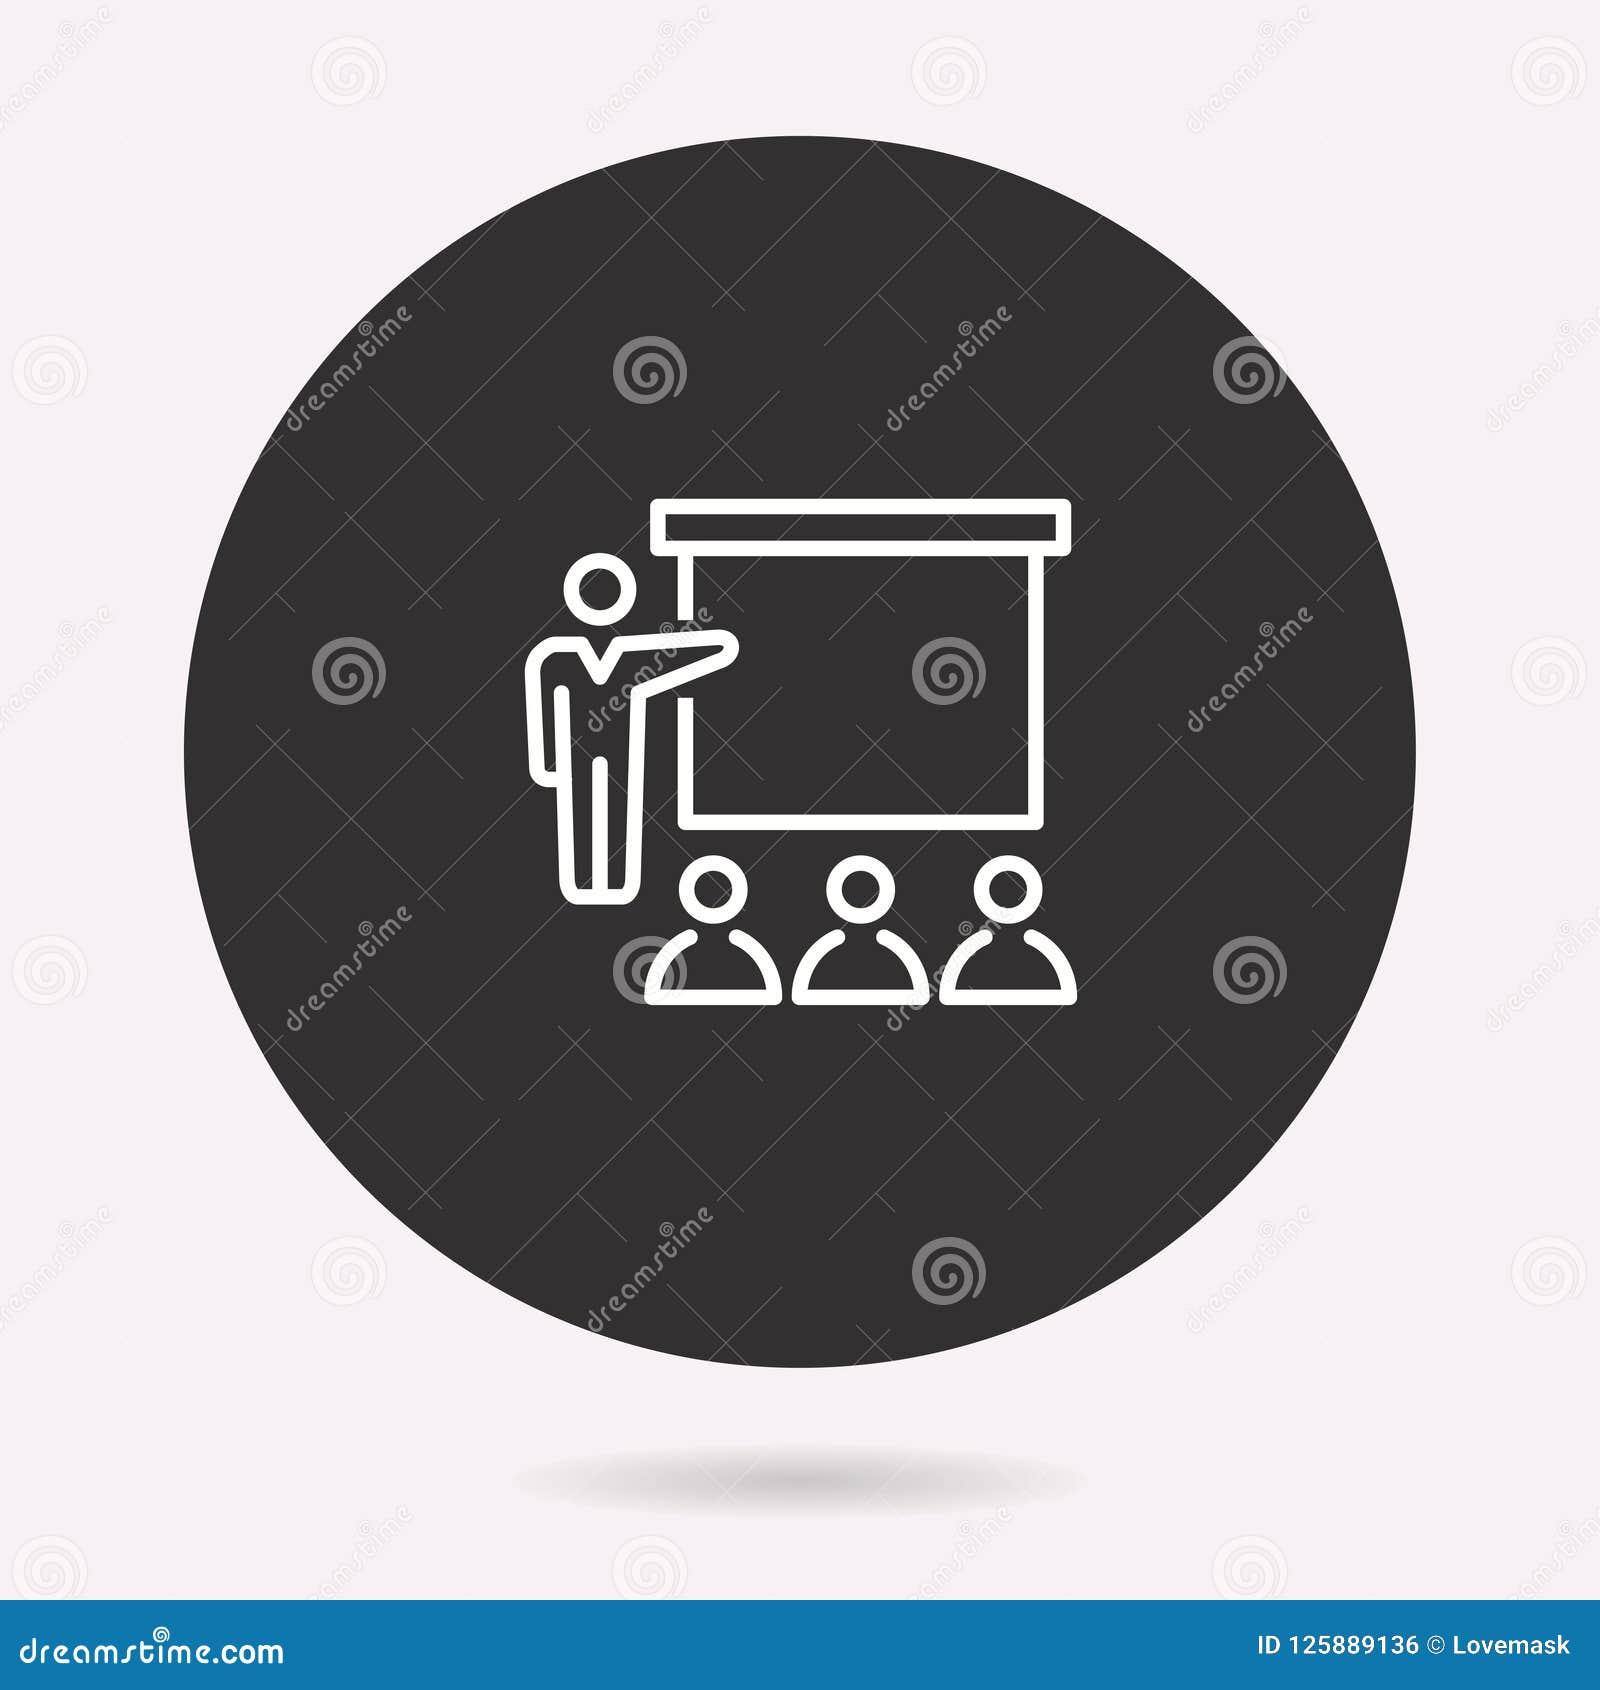 Konferencja - wektorowa ikona Ilustracja odizolowywająca prosty piktogram